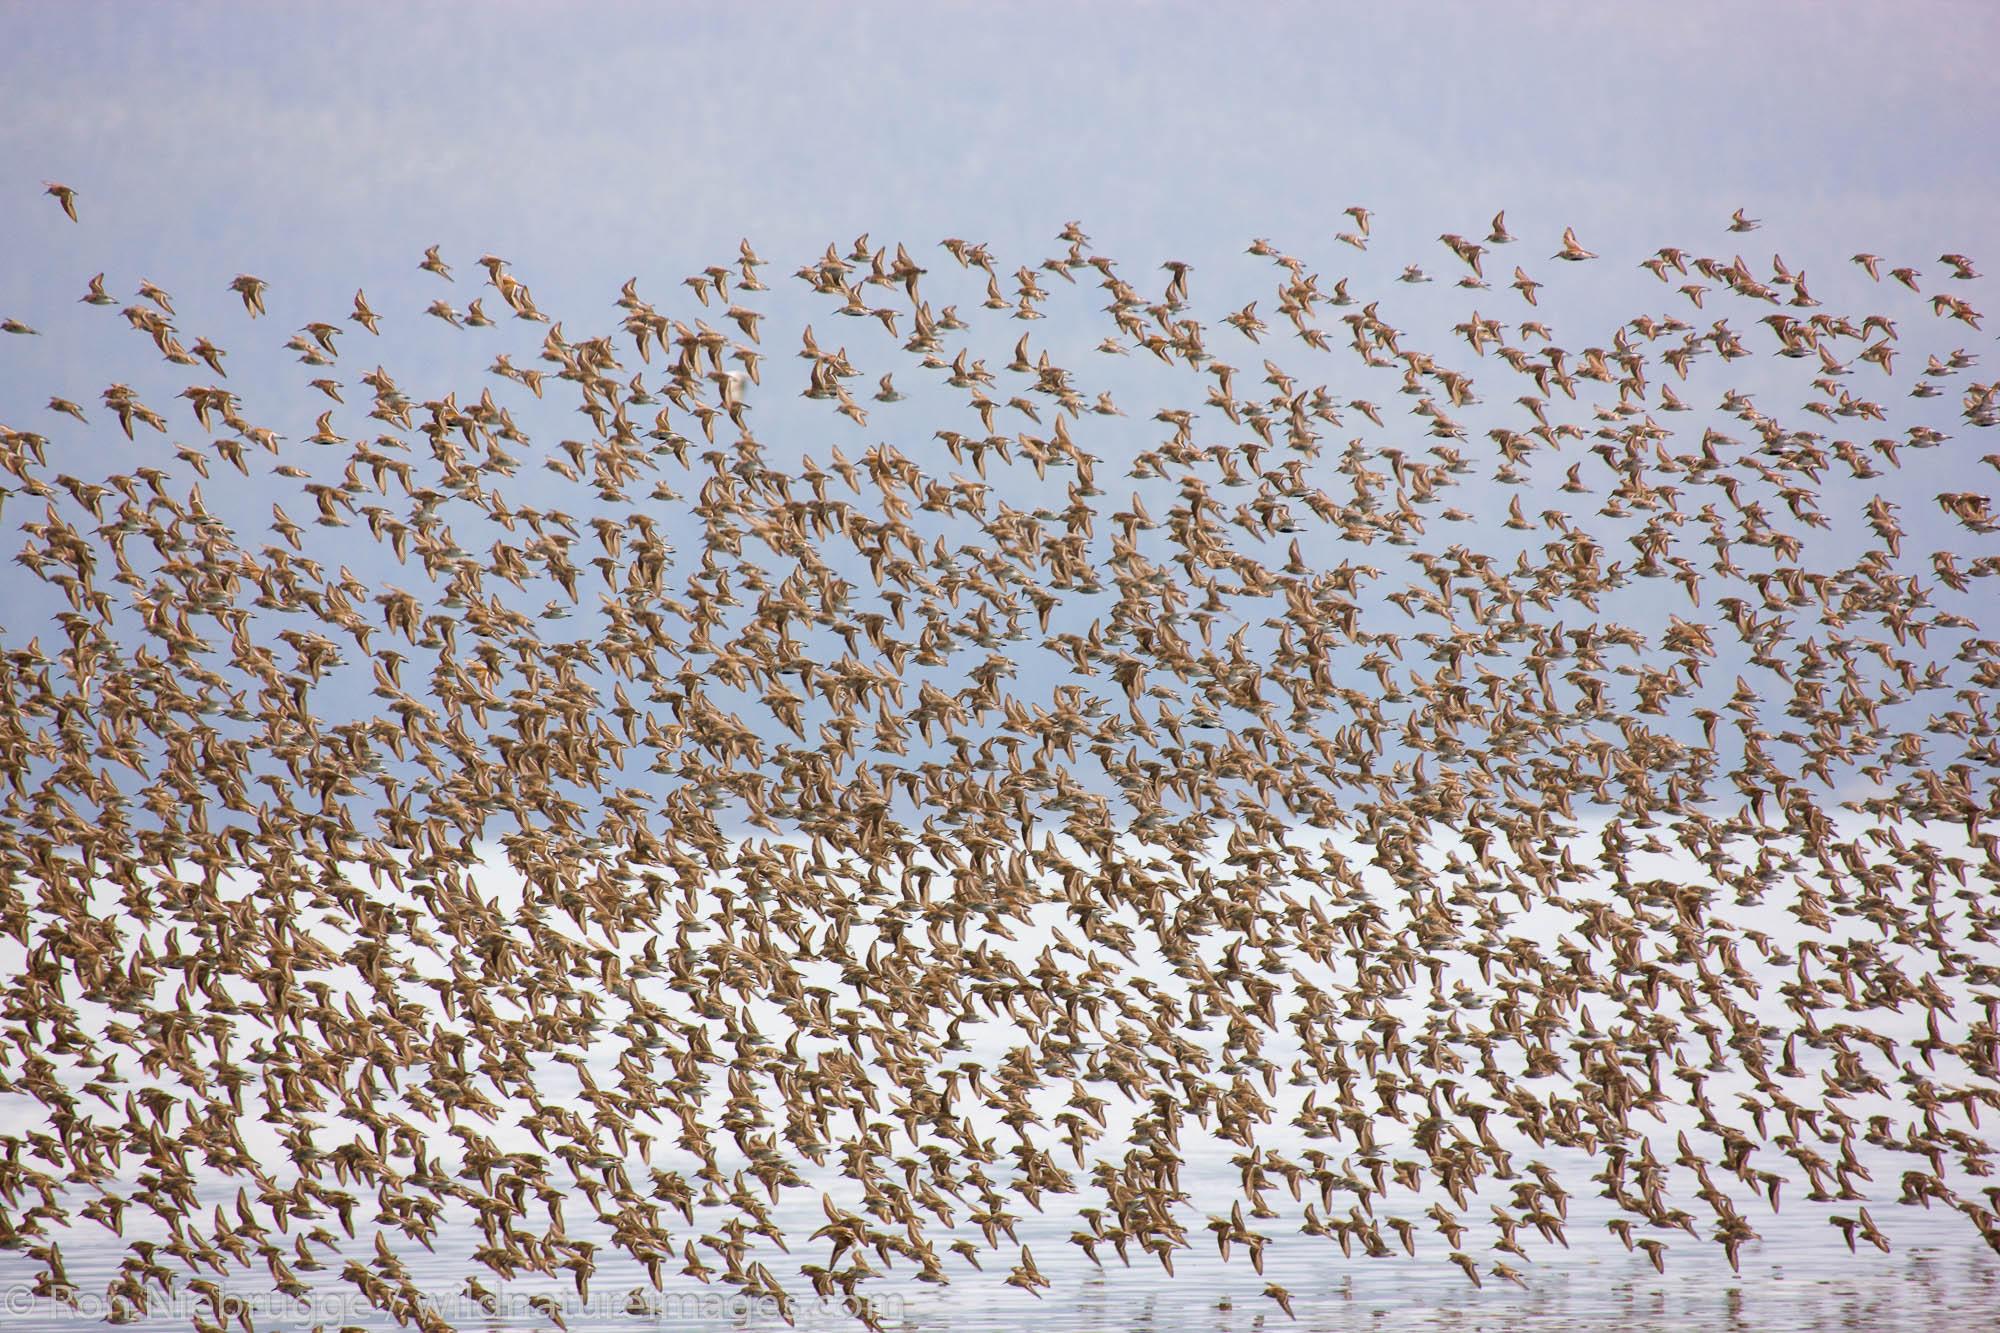 Shorebird migration on the Copper River Delta, Chugach National Forest, Cordova, Alaska